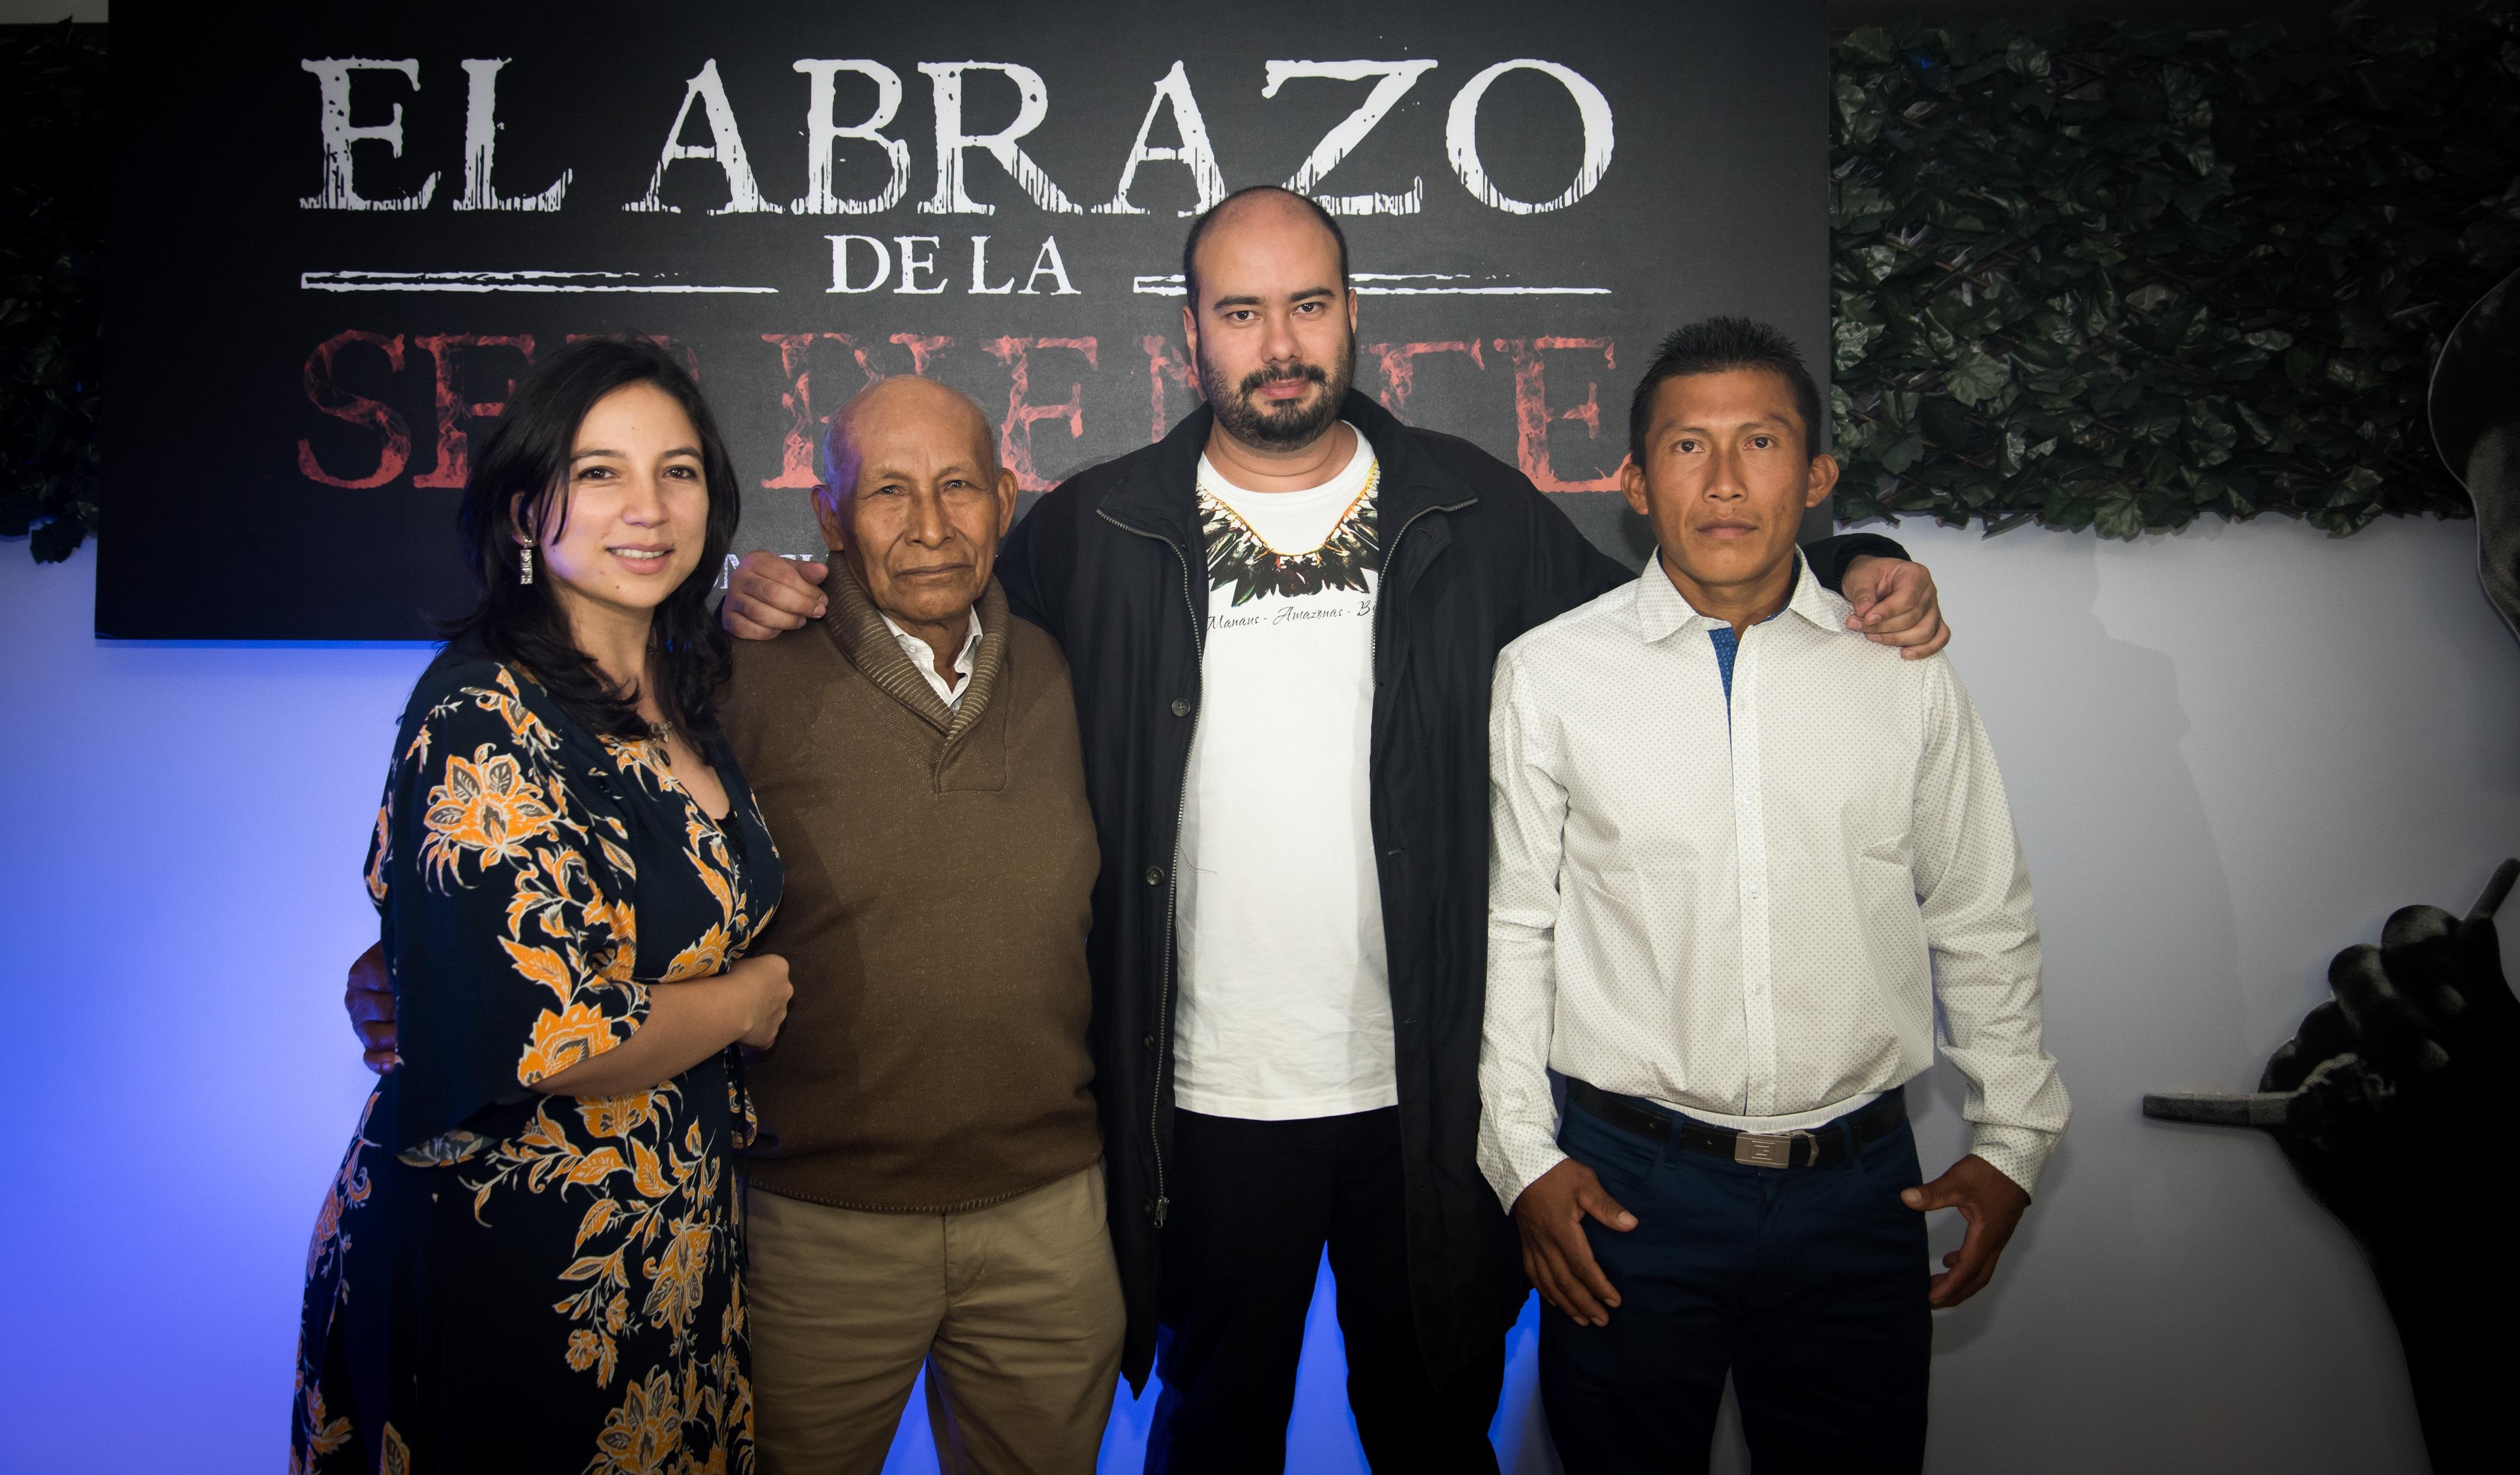 Cristina Gallego, Productora de la película, en compañía del actor Antonio Bolívar, el Director Ciro Guerra y Nilbio Torres, quien hace parte del elenco.